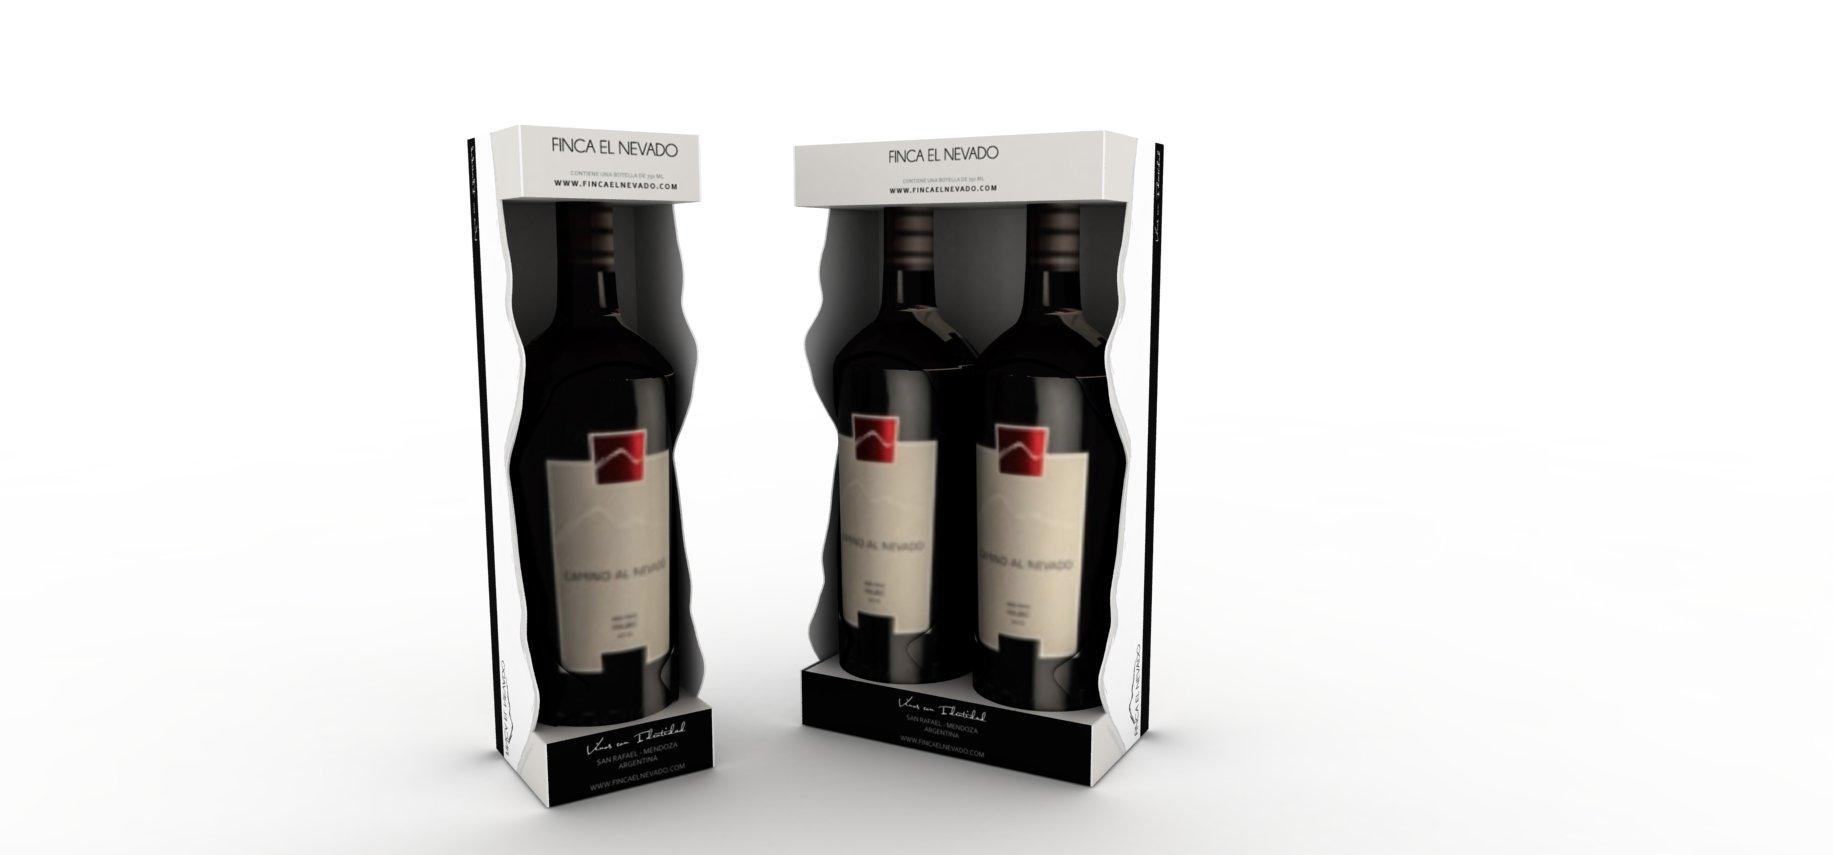 Packaging cajas para vino, estuche de vino, cajas de vino, cajas para 6 vinos , cajas para 3 vinos, cajas para vino y copa